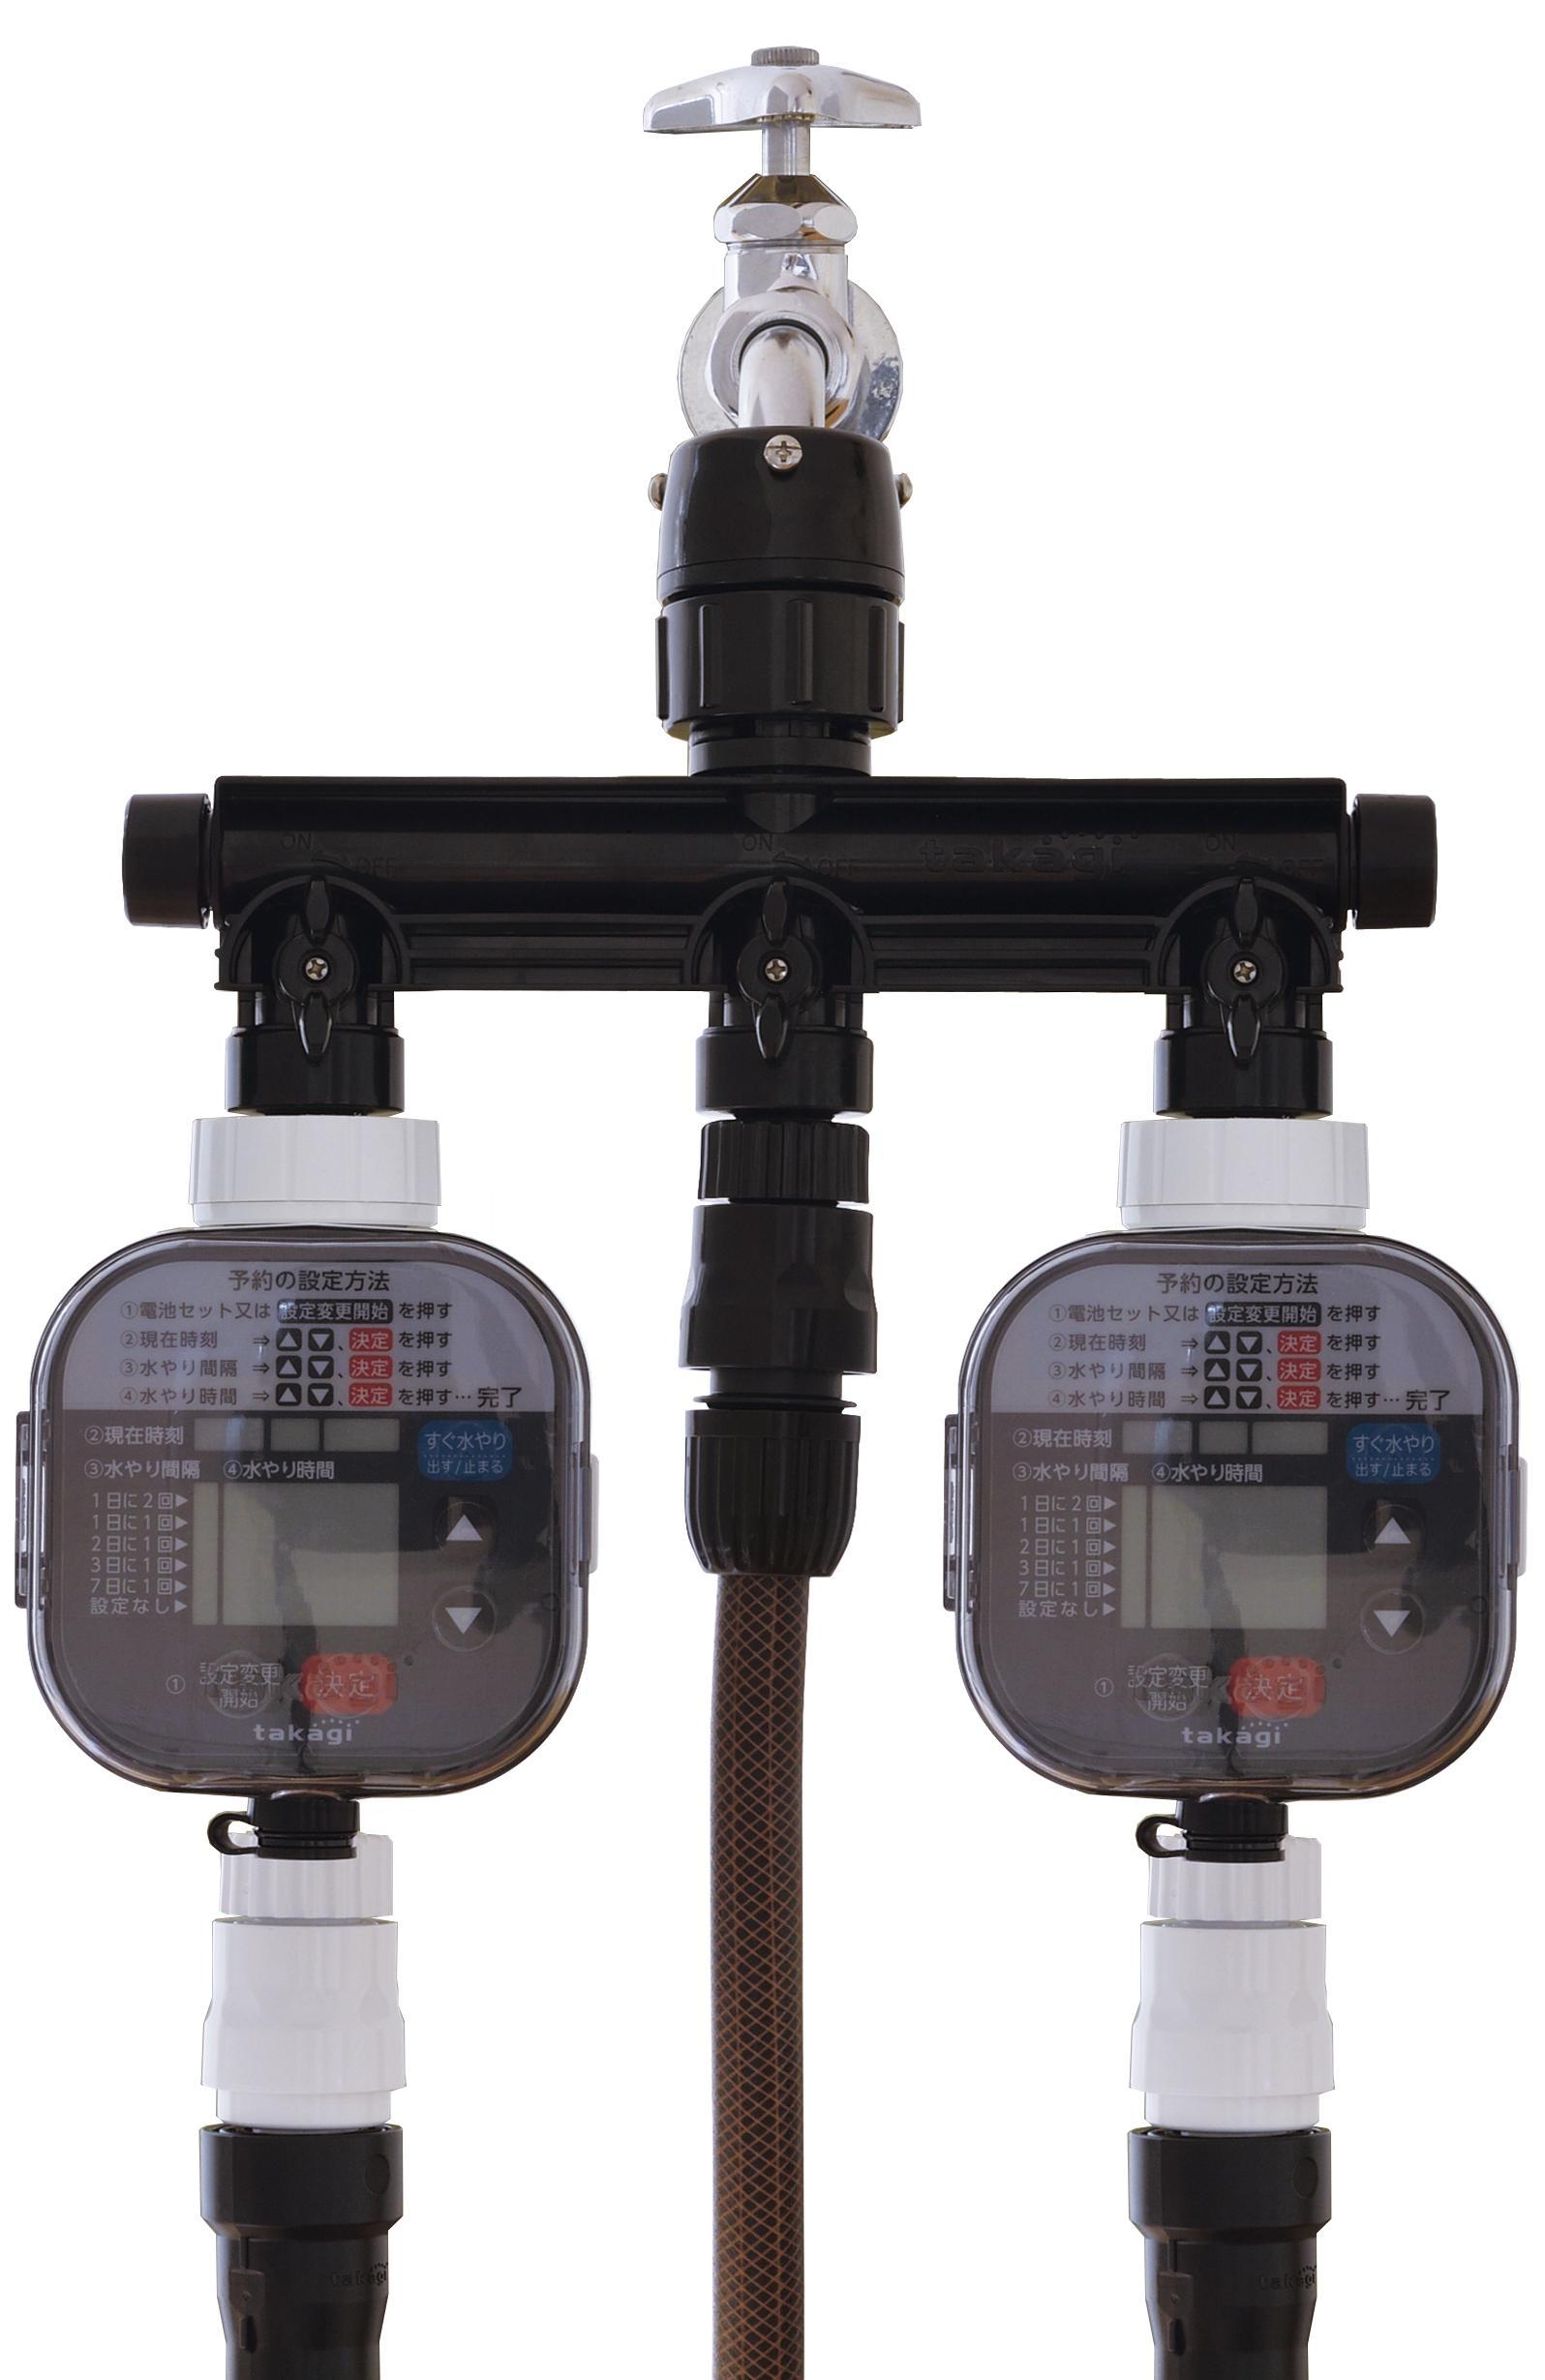 自動で水やりができるタイマー2台とホースリール「ガーデンリール」(ブラウン・茶色)をつないだ3分岐蛇口ニップル(ブラック・黒)